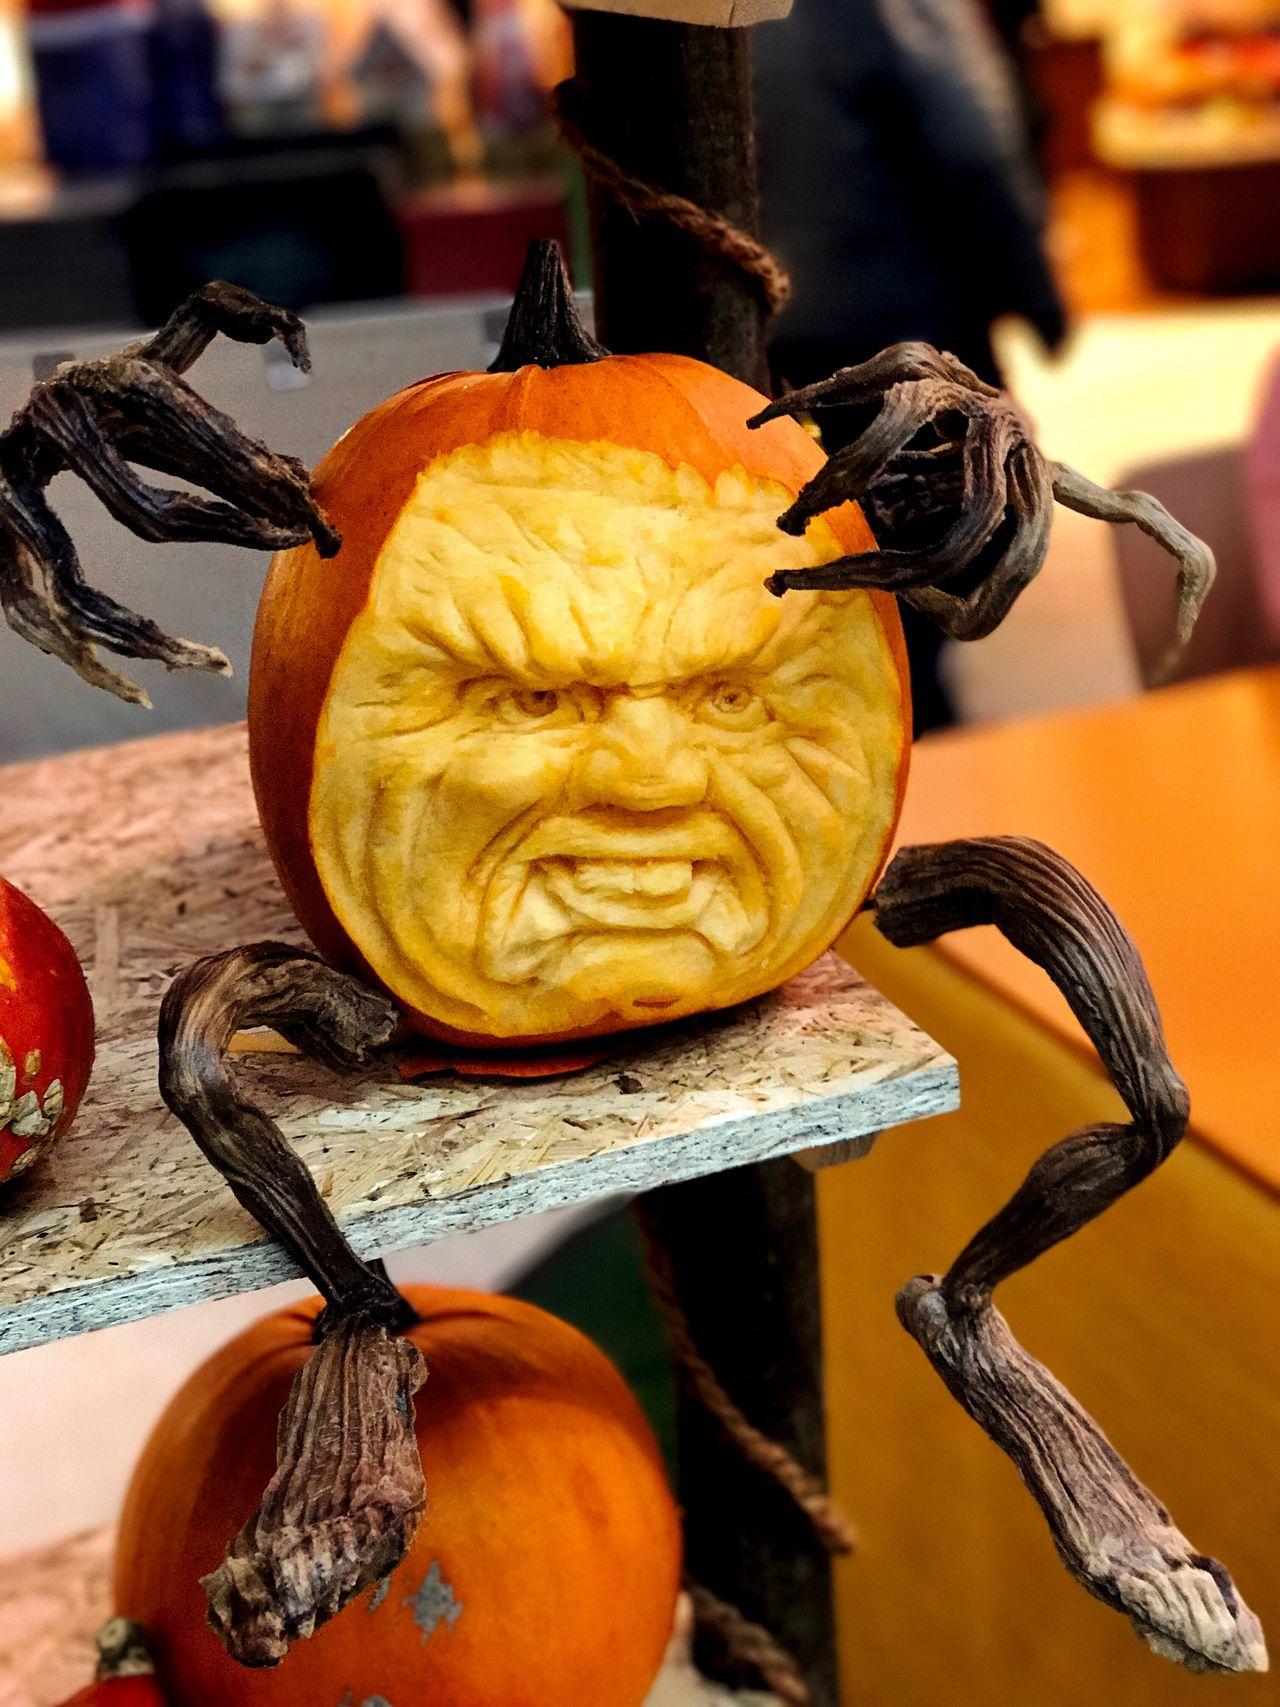 Halloween Potsdam Kürbis Food And Drink Pumpkin Schnitzerei Gesicht Face Close-up Headshot Gesicht IPhone 7 Plus Kopf Horror Orange Color Focus On Foreground